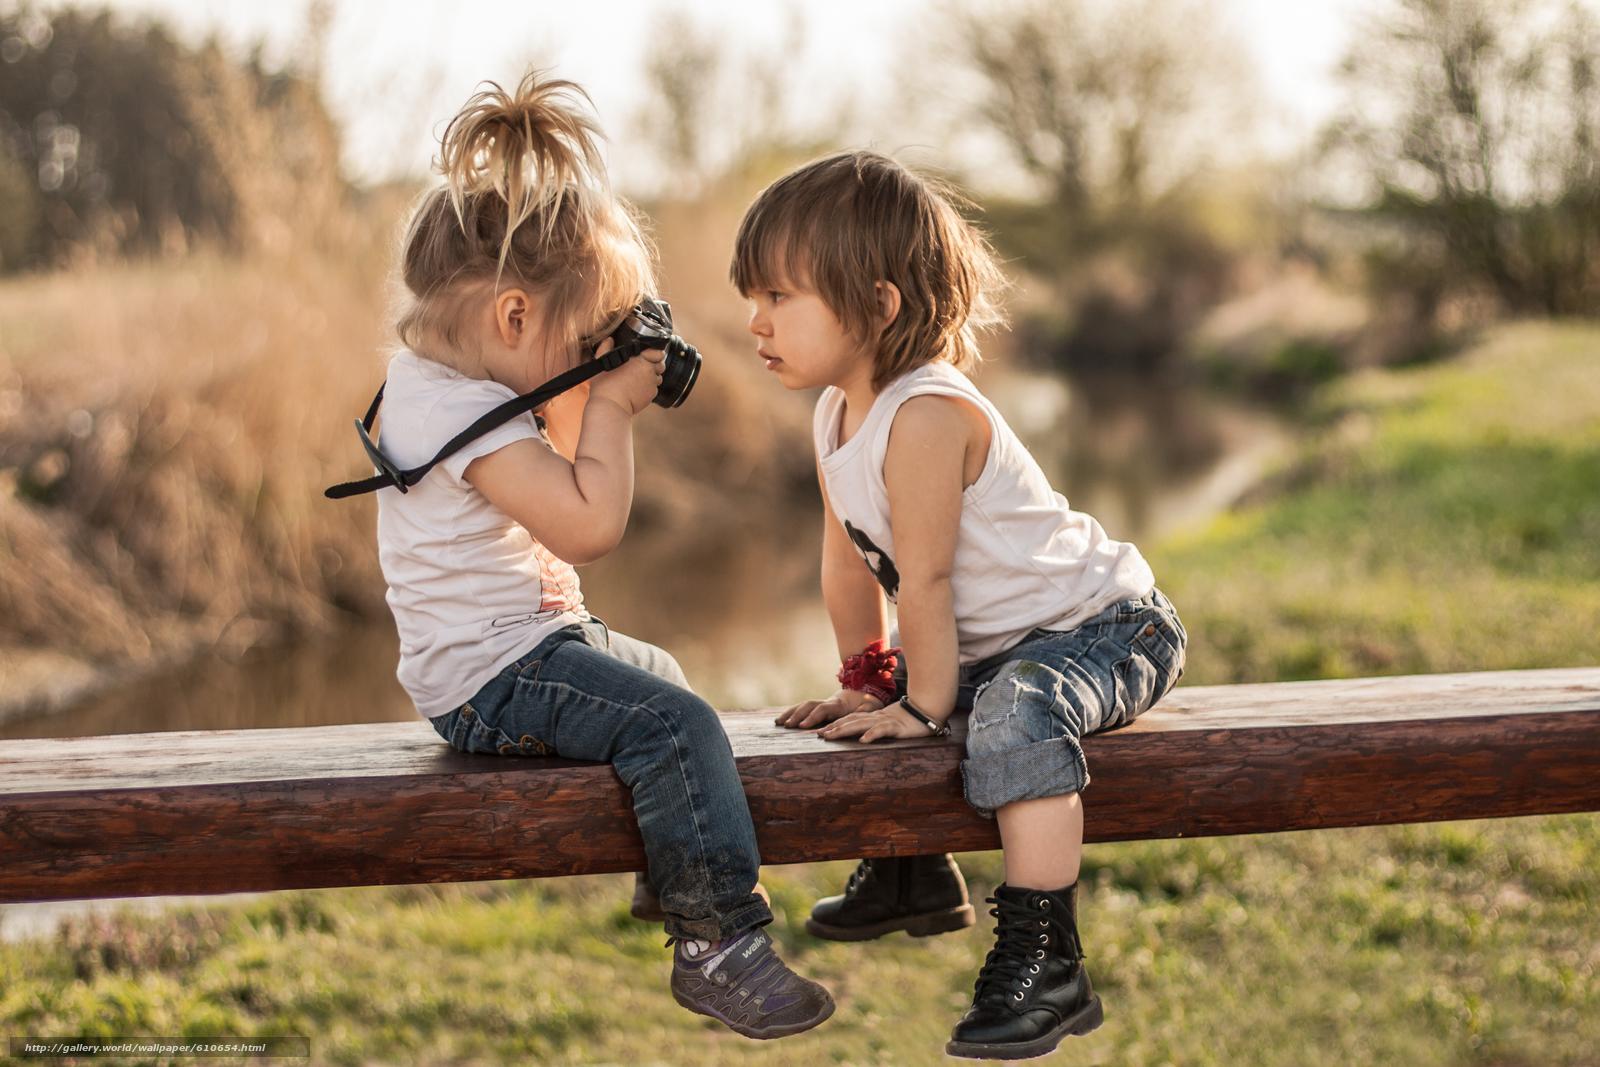 Скачать обои дети,  девочка,  мальчик,  флтограф бесплатно для рабочего стола в разрешении 3888x2592 — картинка №610654